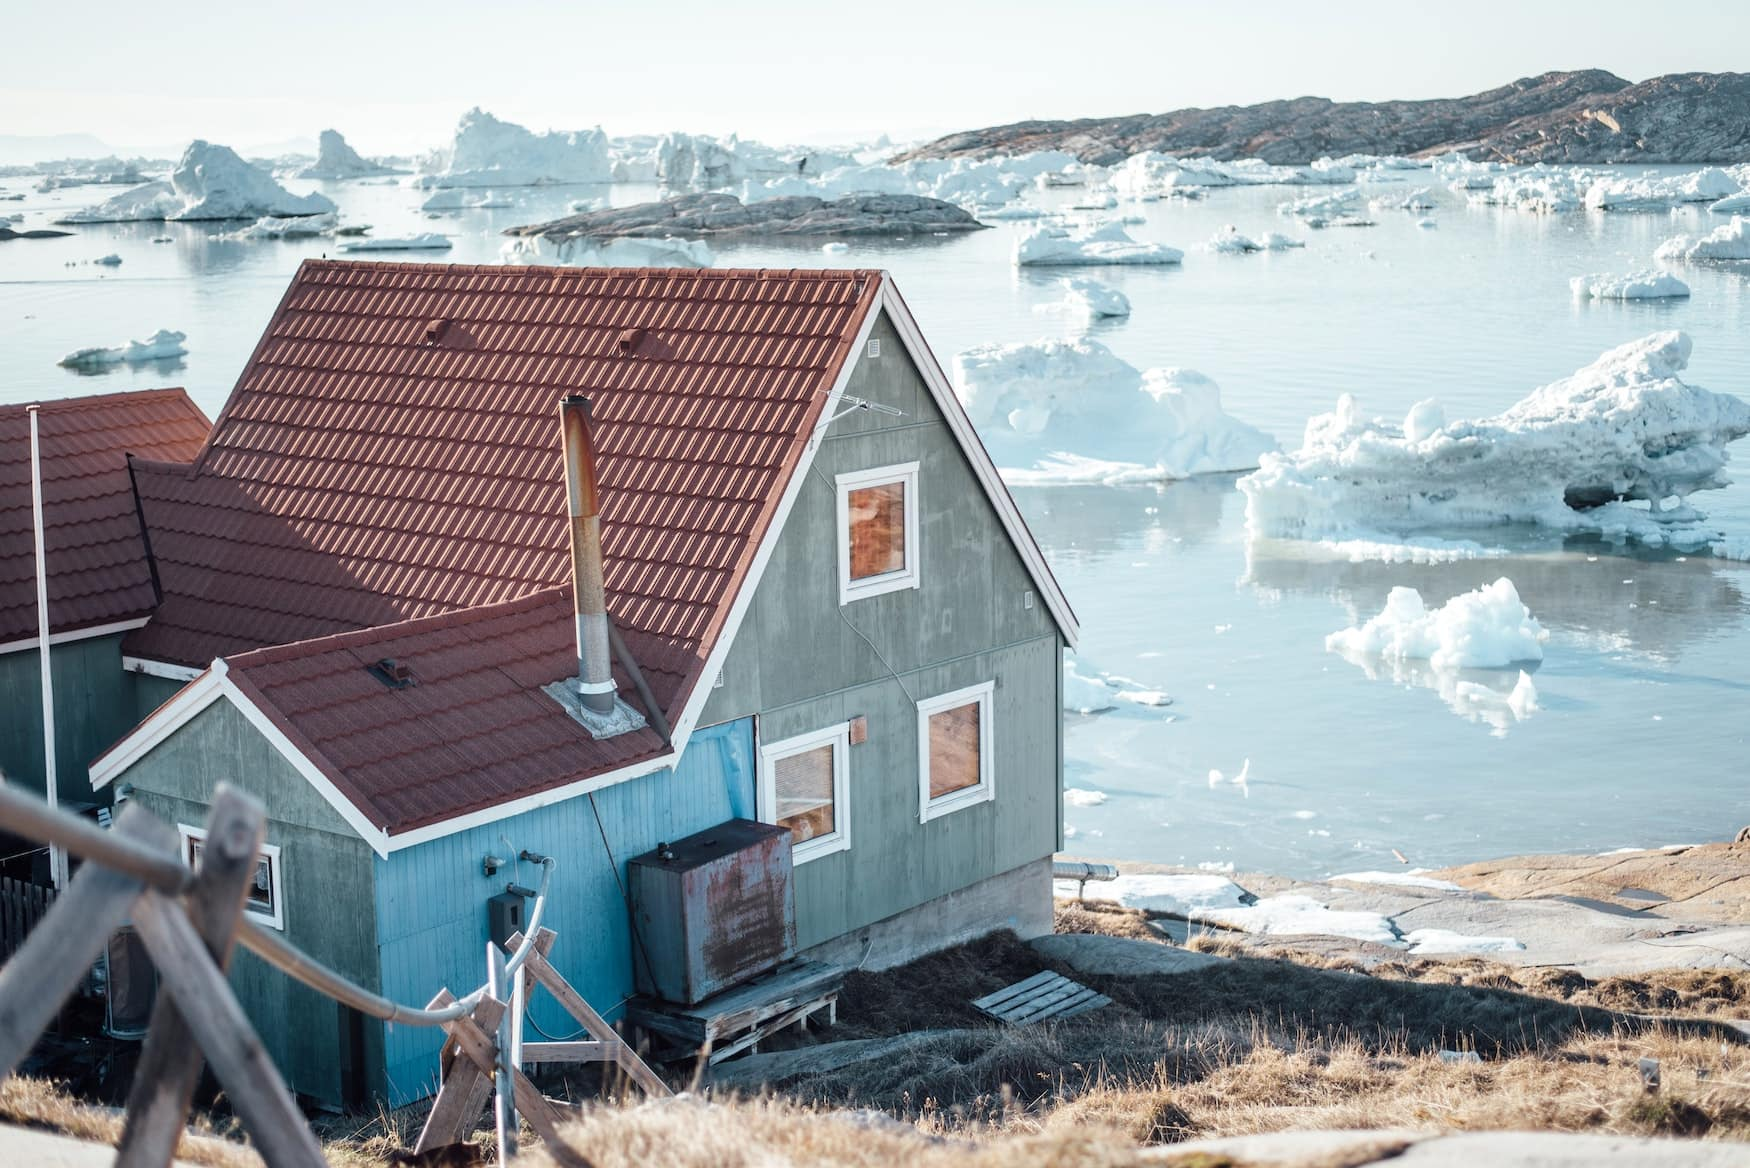 Bunte Holzhütte steht vor Gewässer mit Gletschern